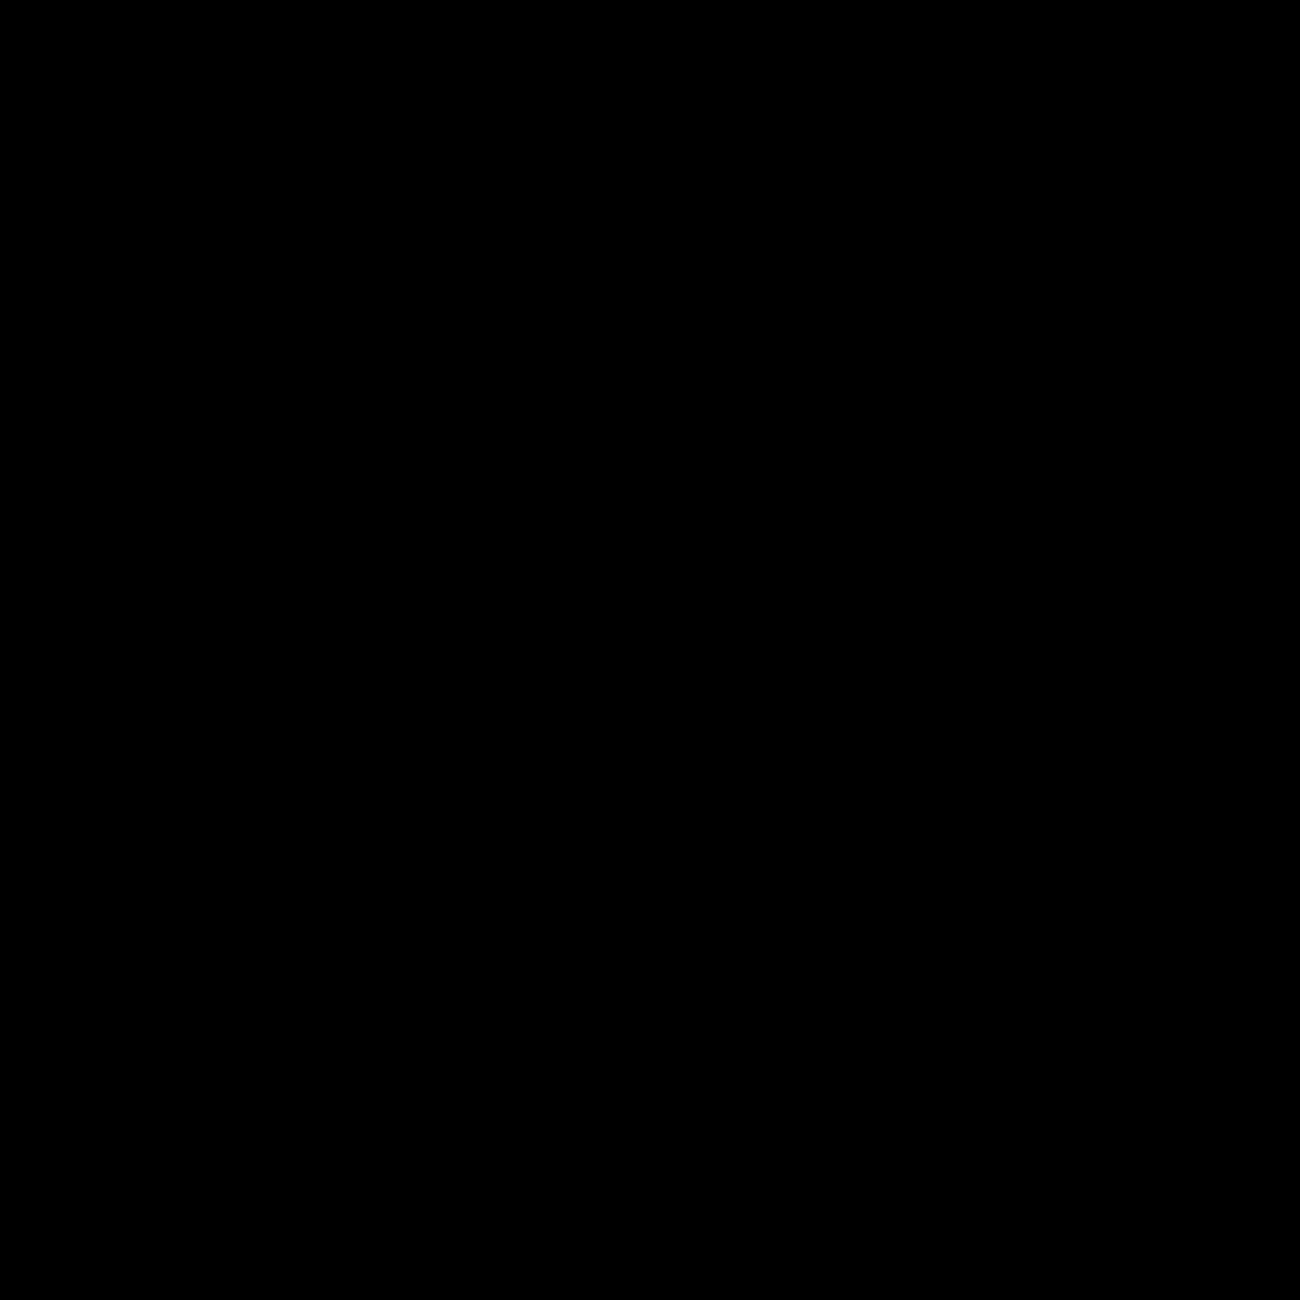 Lexoo square transparent